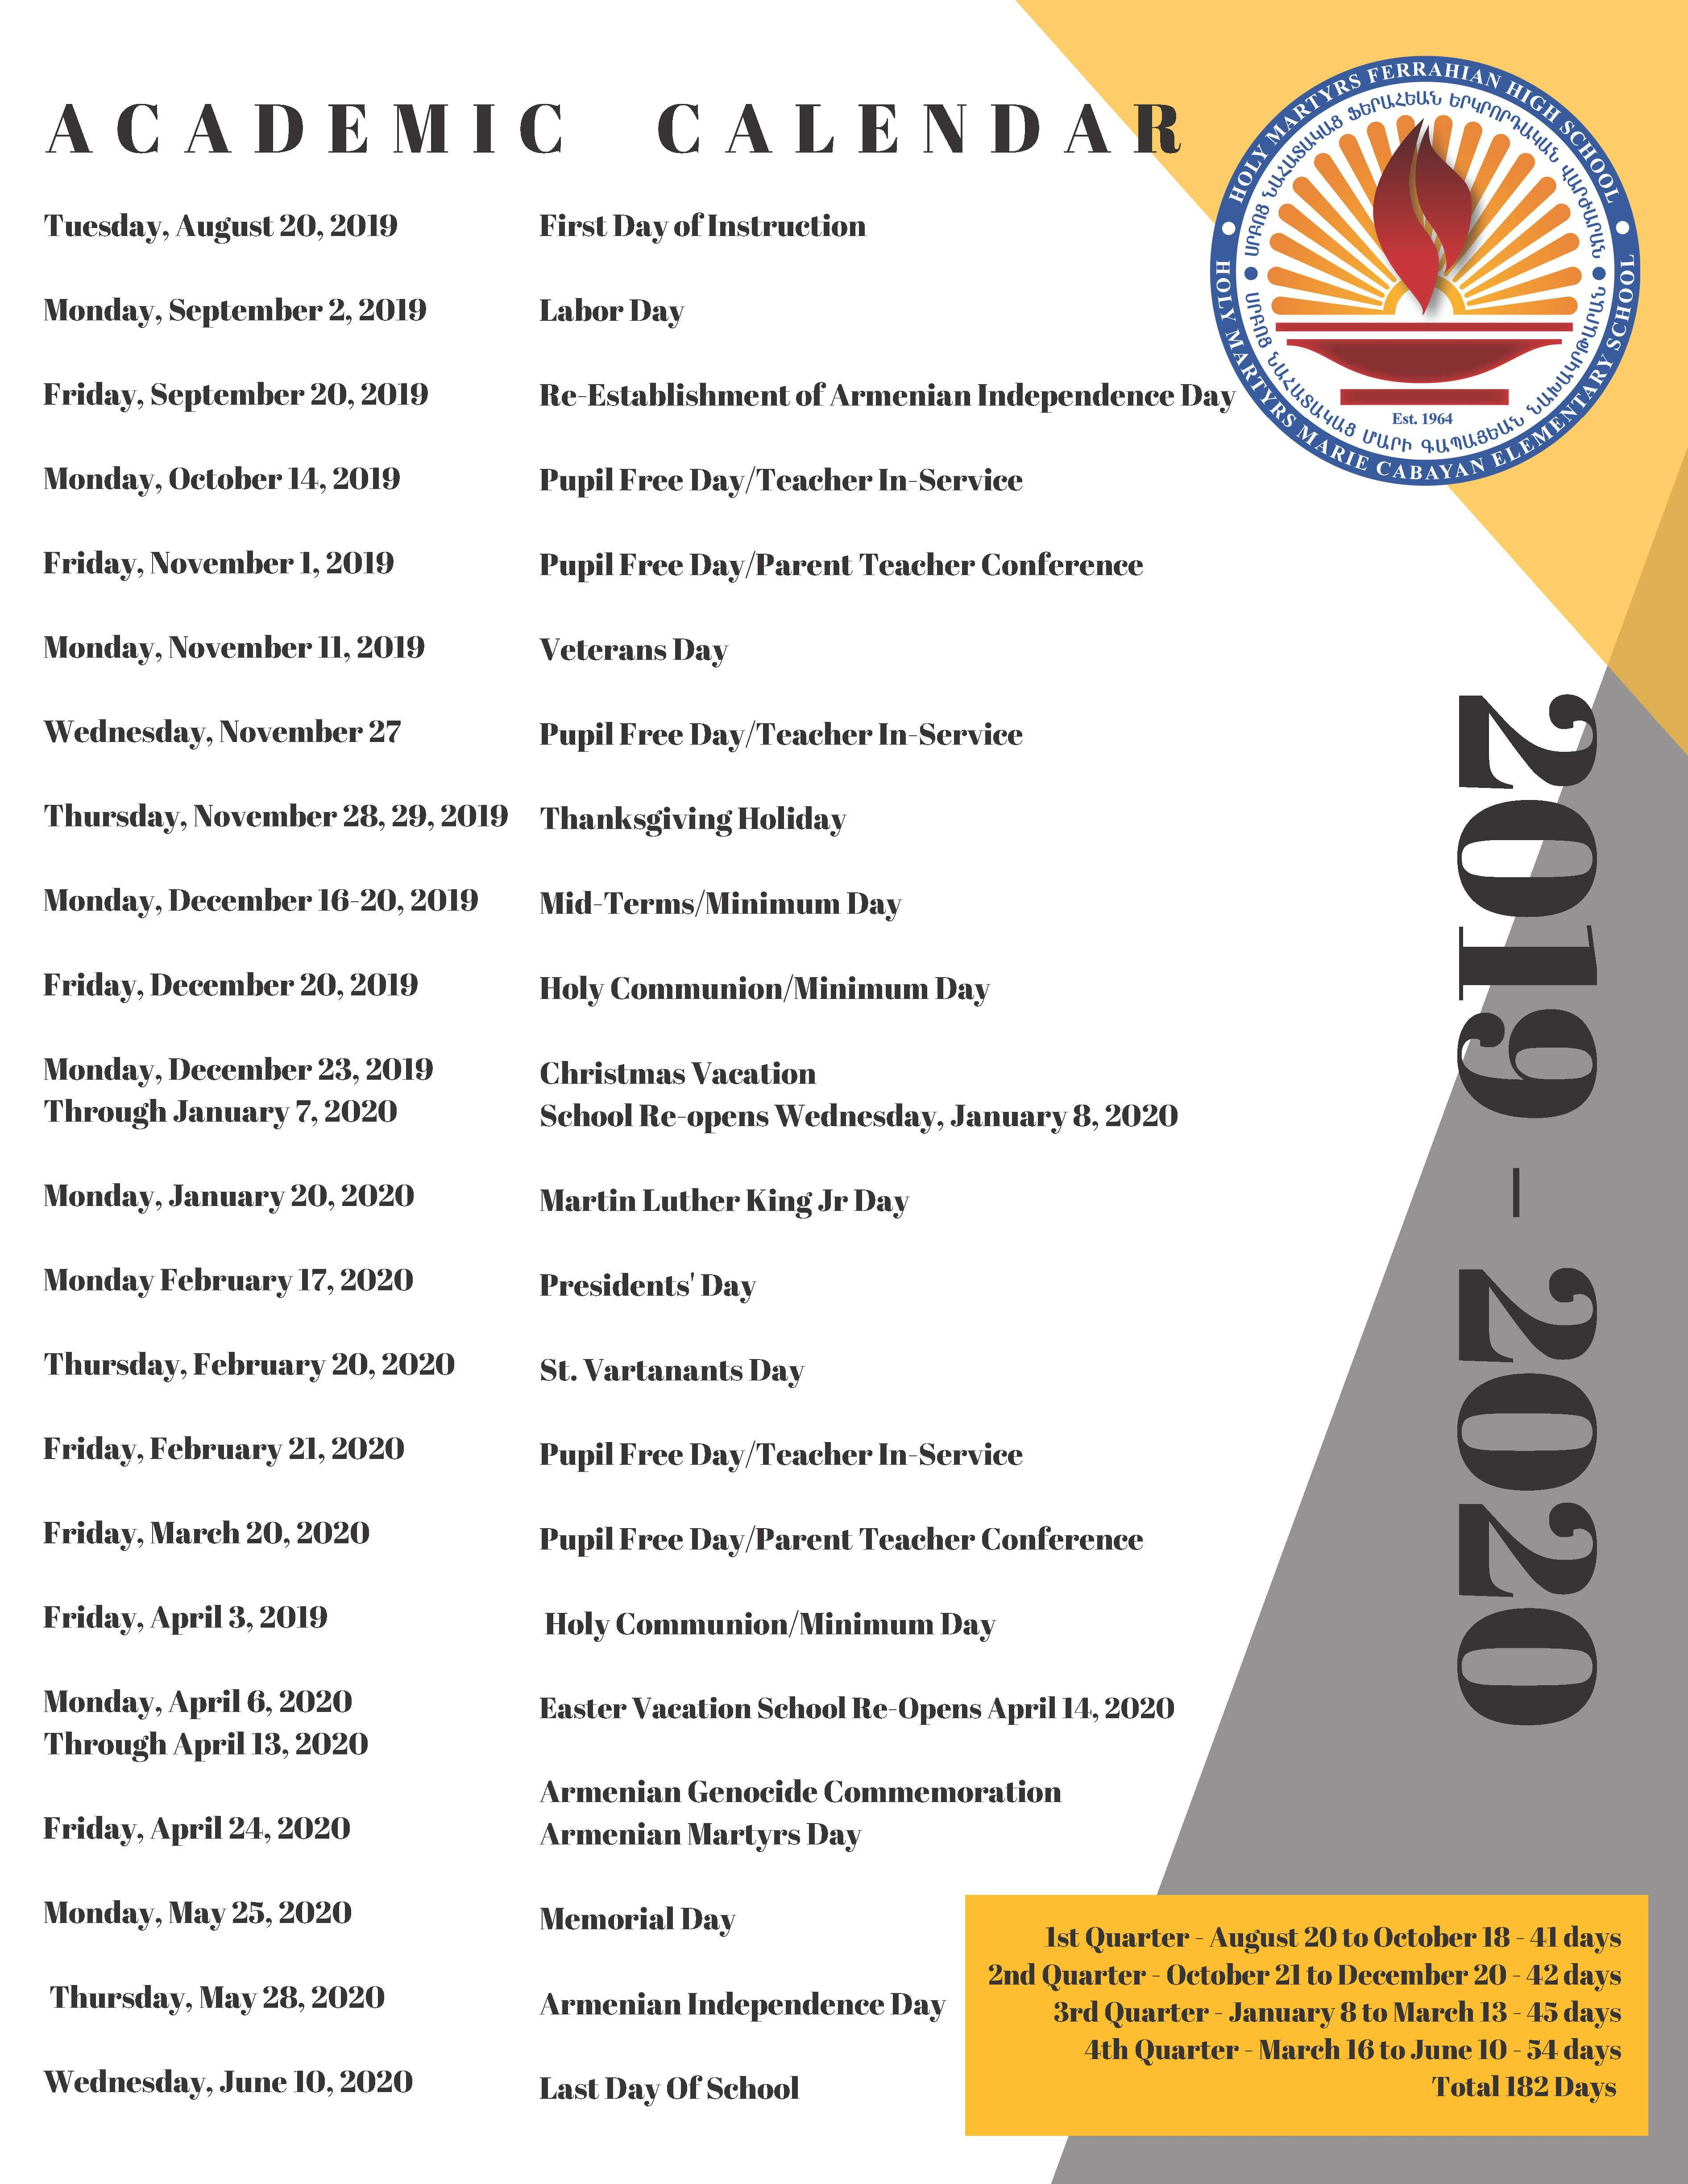 csun academic calendar 2020